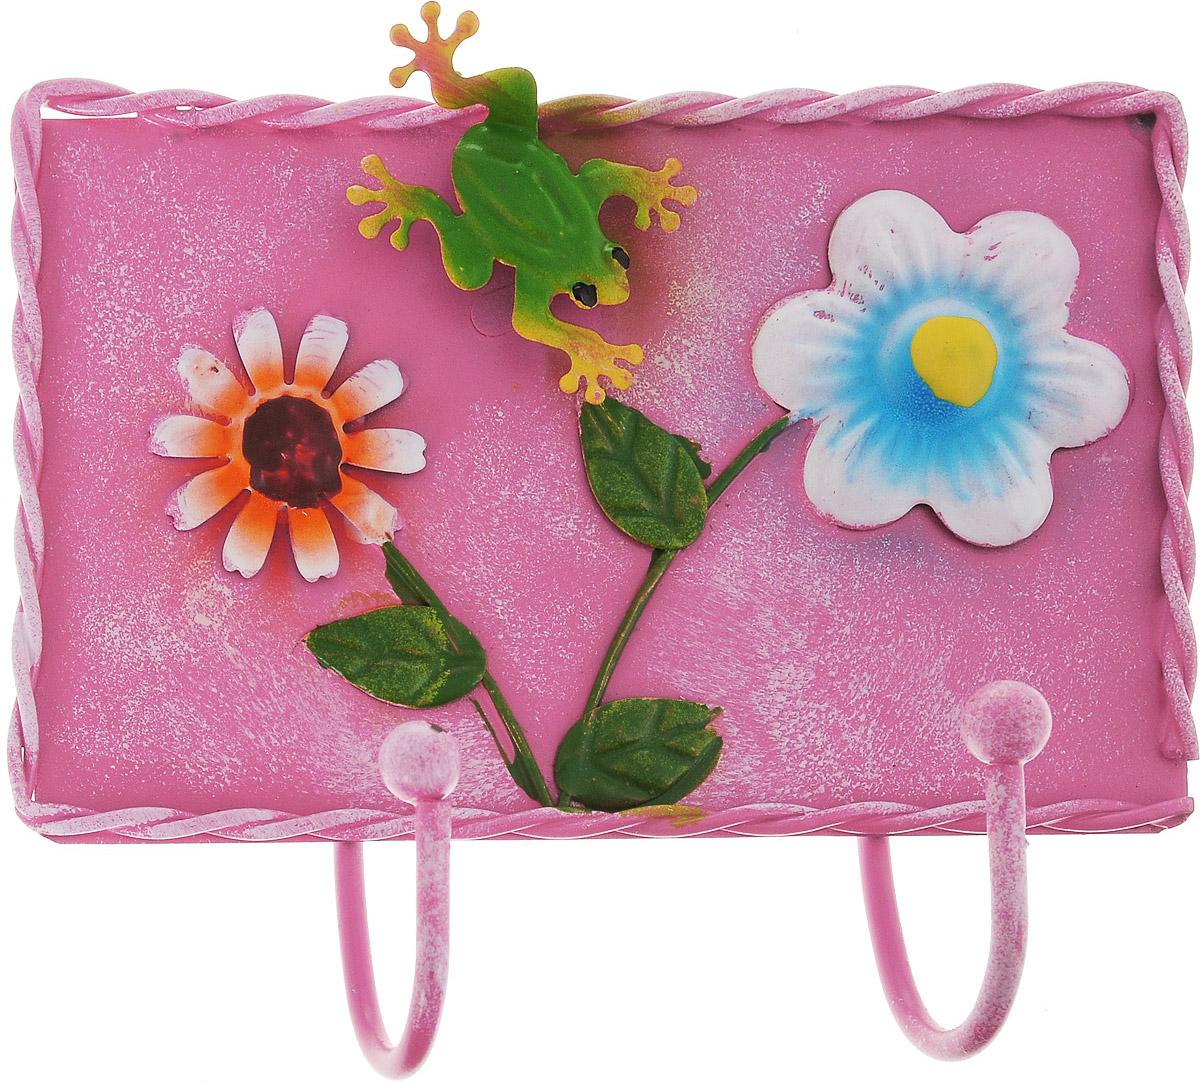 Вешалка-крючок Magic Home, 13,8 х 12,6 смБрелок для ключейНастенная вешалка-крючок Magic Home, изготовленная из жести, имеет 2 крючка и декорирована объемными фигурками в виде цветов и лягушки. Вешалка-крючок идеальна для спальни, прихожей, ванной комнаты. Крепежные элементы для монтажа к стене не входят в комплект.